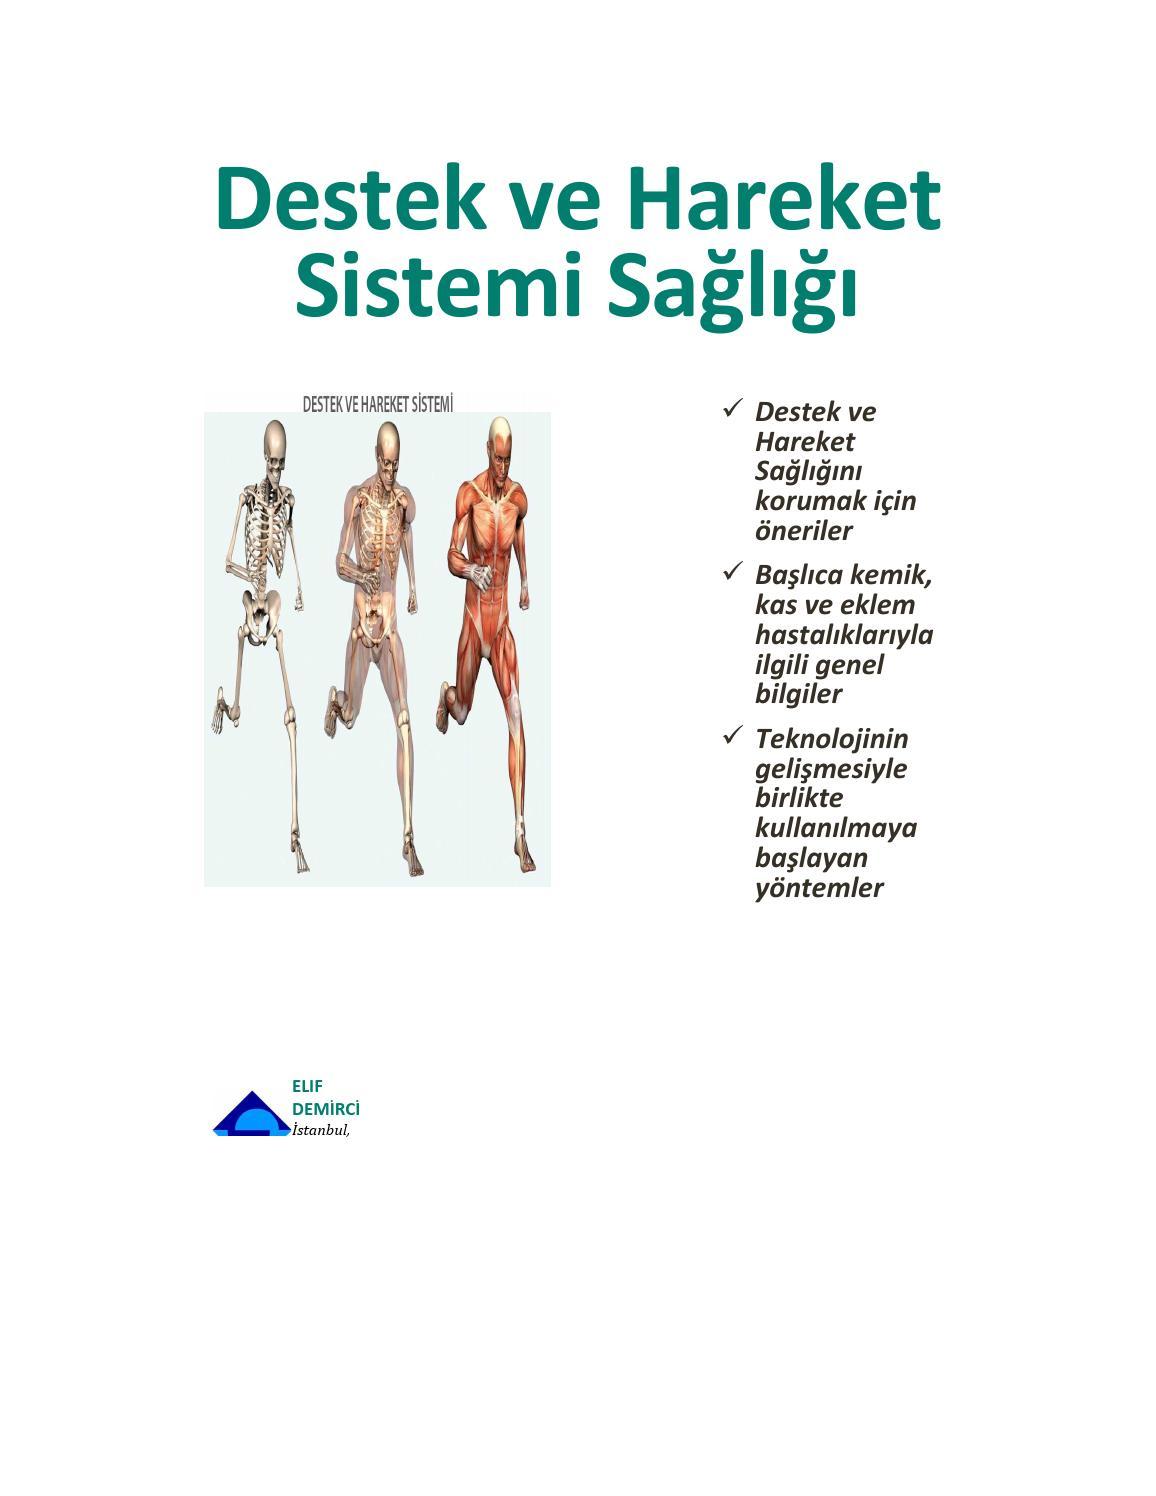 Düzenli egzersiz yapmak destek ve hareket sisteminin sağlığını nasıl etkiler